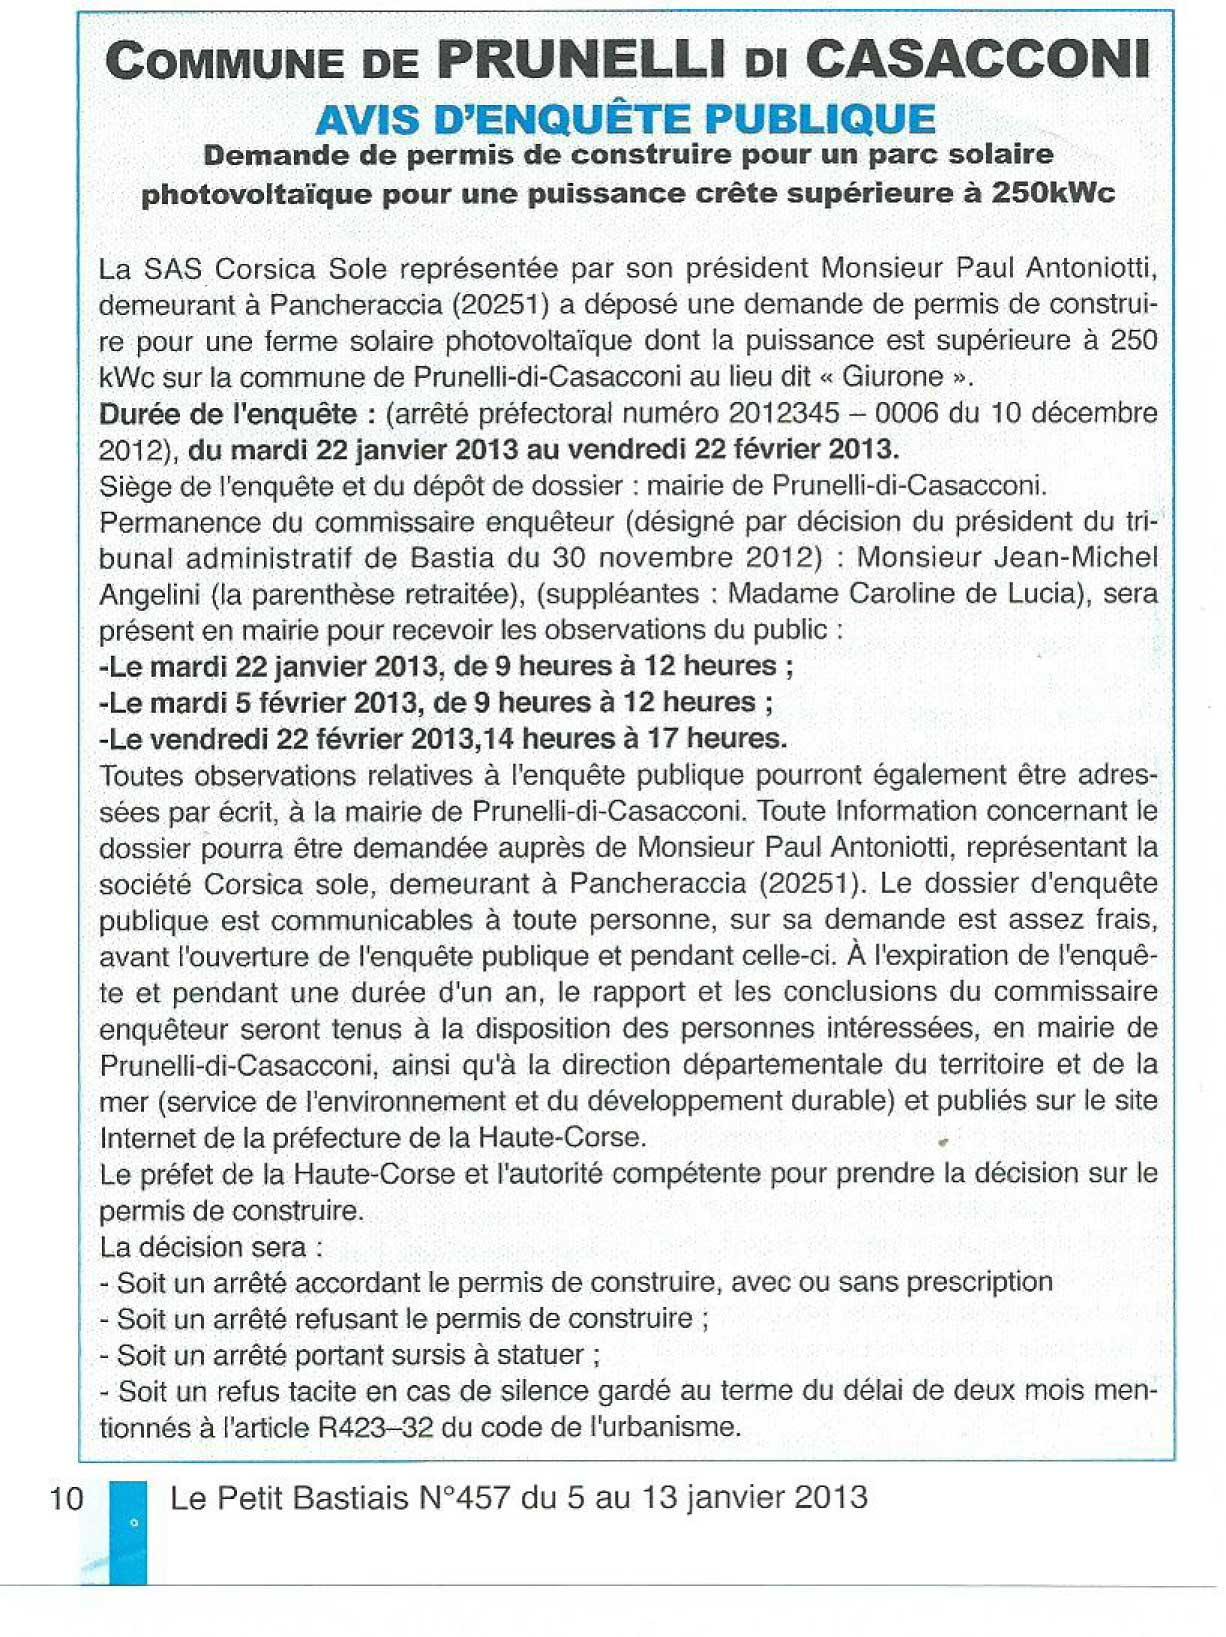 Prunelli di casacconi demande de permis de construire for Demande de permis de construire pour un garage